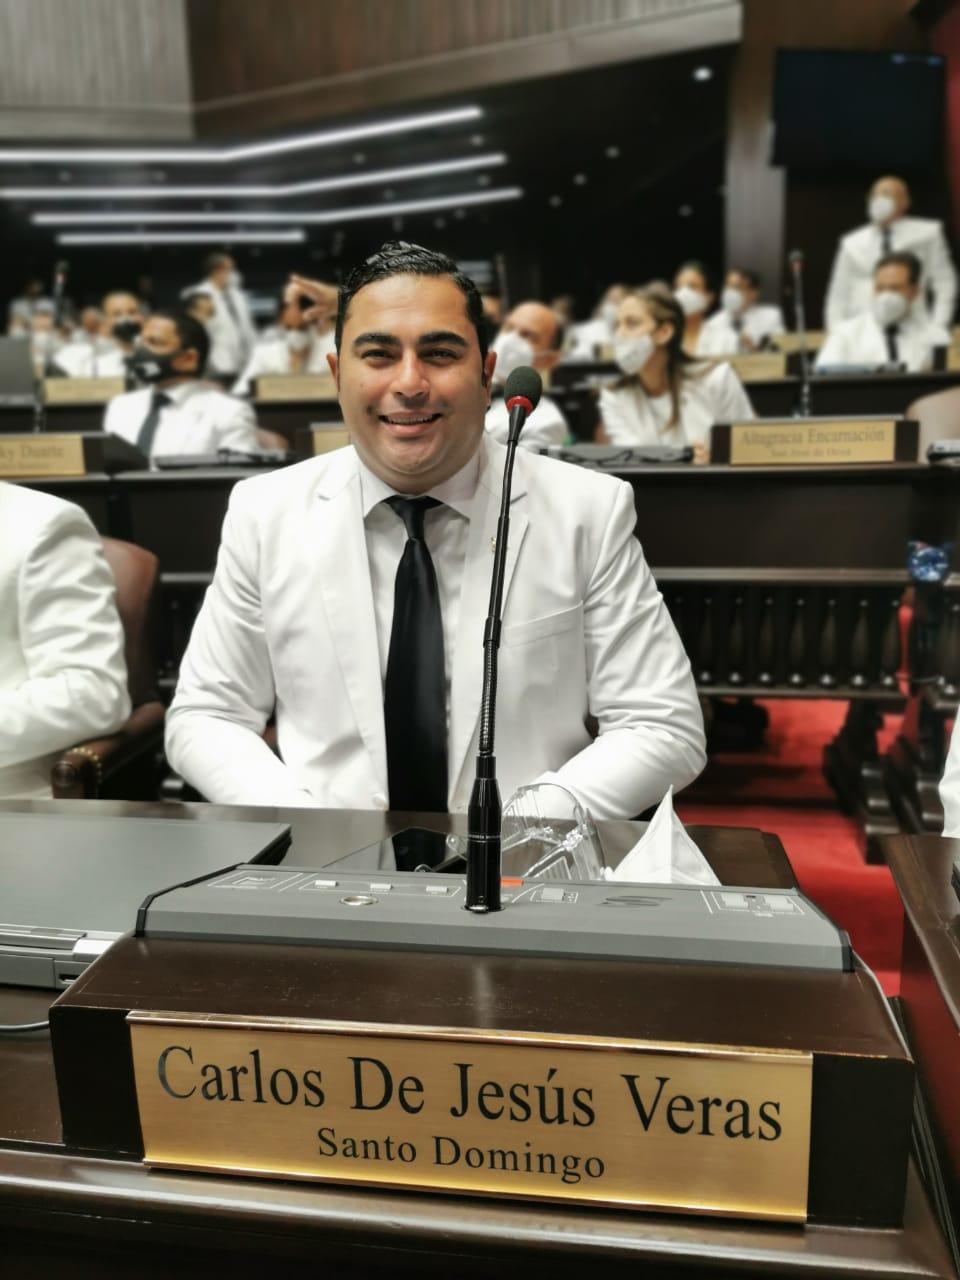 https://i0.wp.com/descifrandolanoticia.com/wp-content/uploads/2020/08/Diputado-Carlos-De-Jesus.jpg?fit=960%2C1280